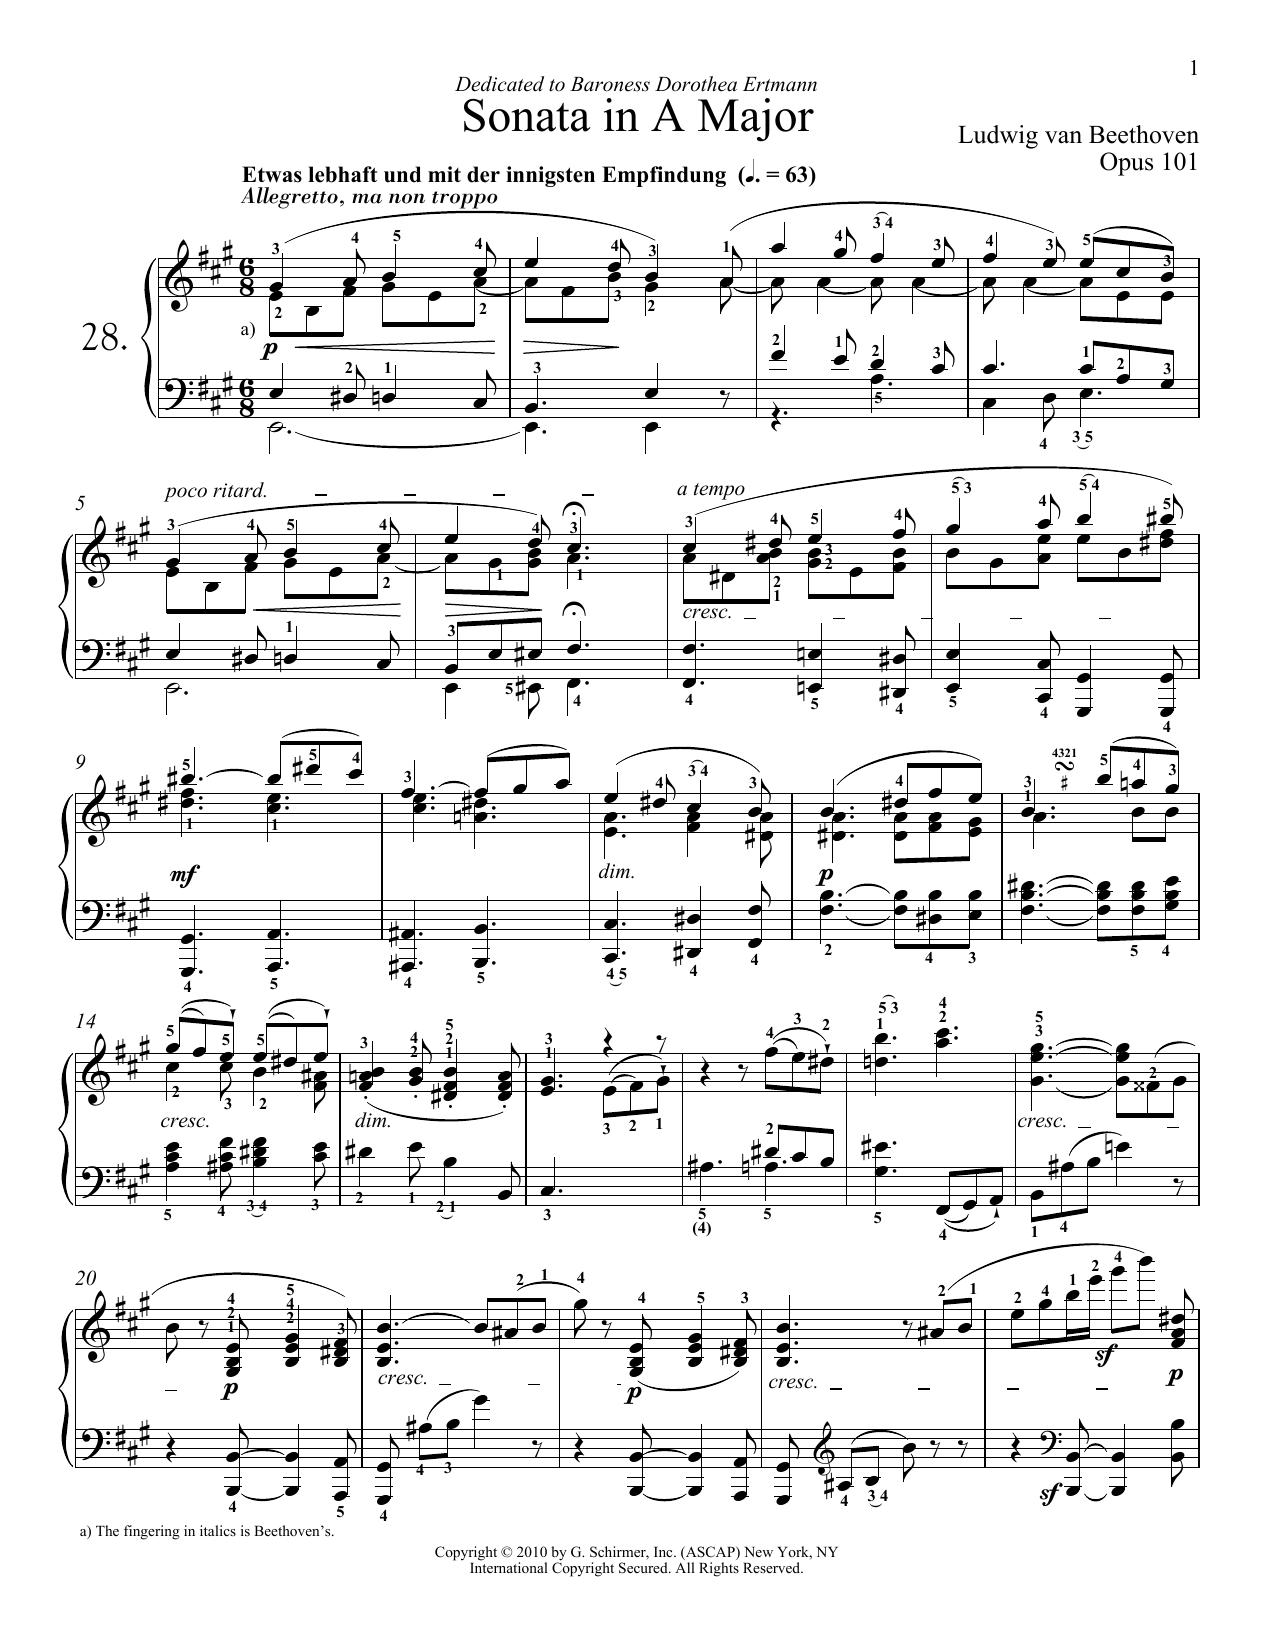 Piano Sonata No. 28 In A Major, Op. 101 (Piano Solo)